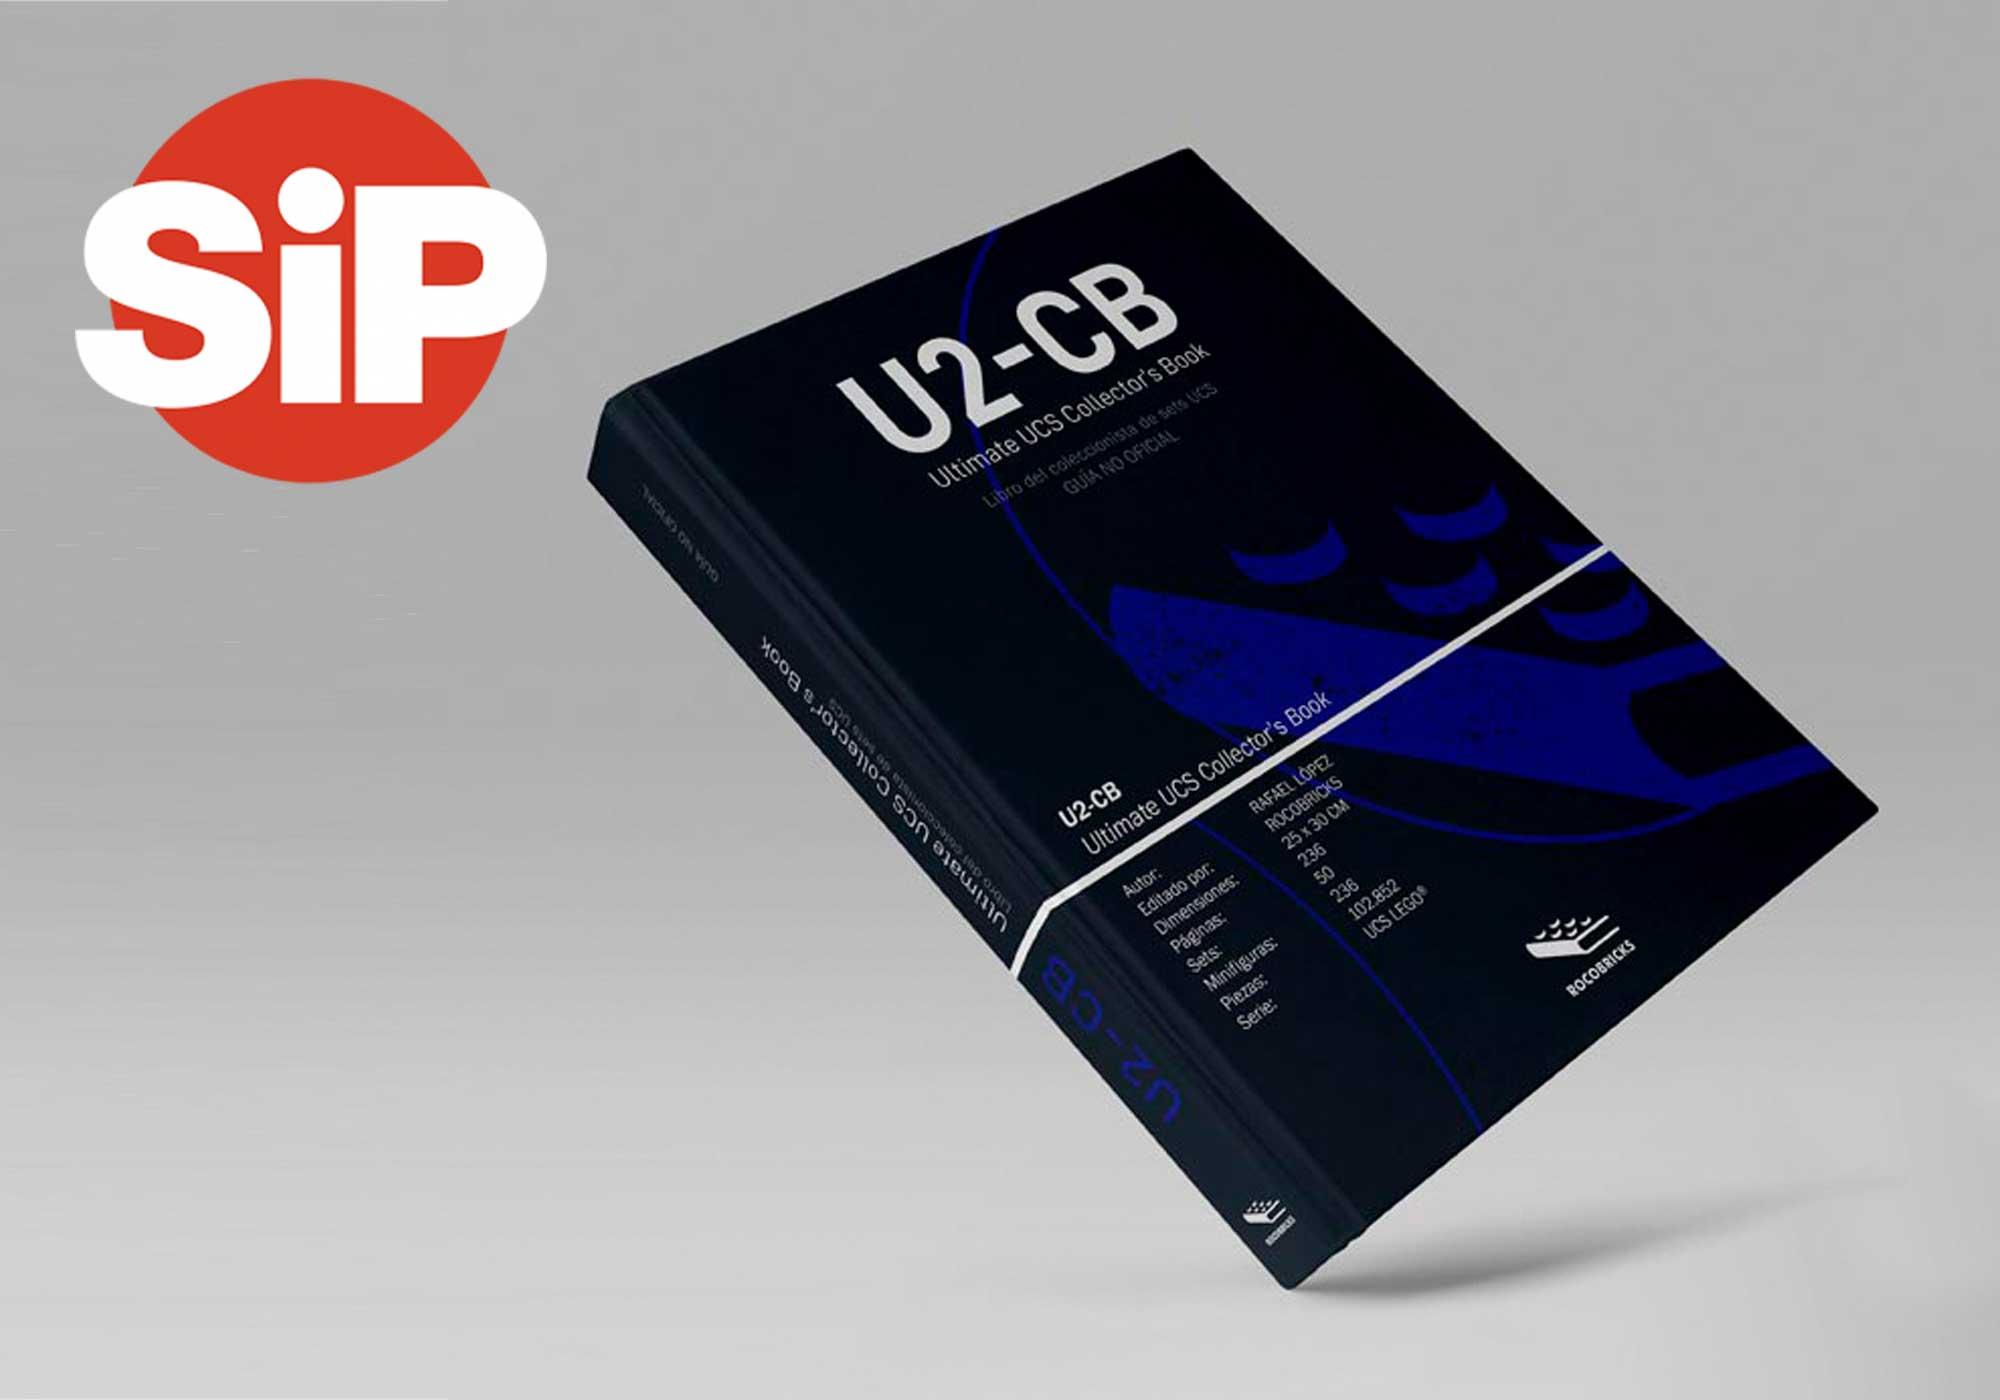 Reseña U2-CB en SIP